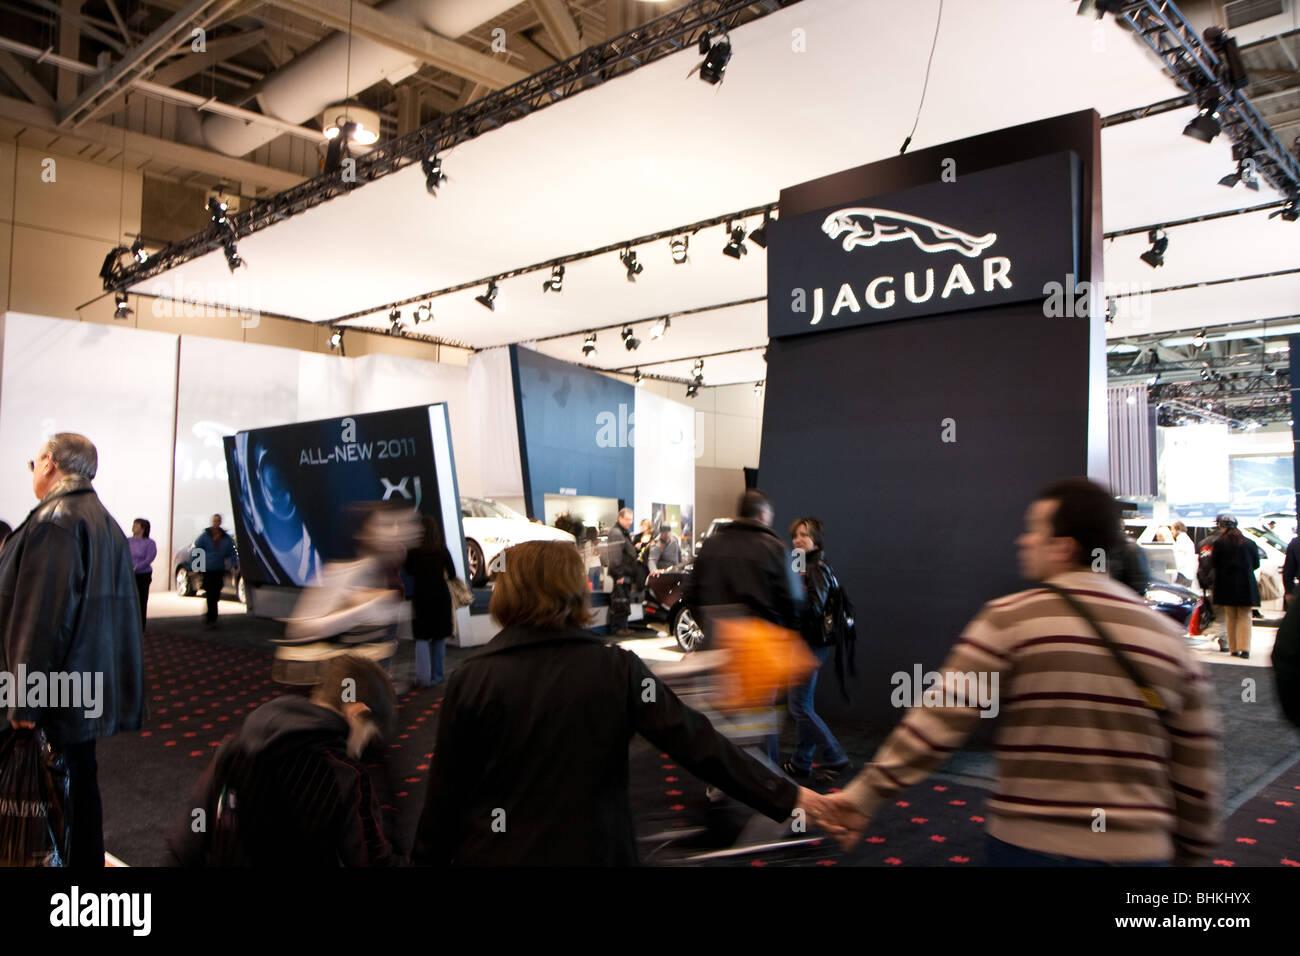 Jaguar Car Show Booth Stock Photo Alamy - Car show booth